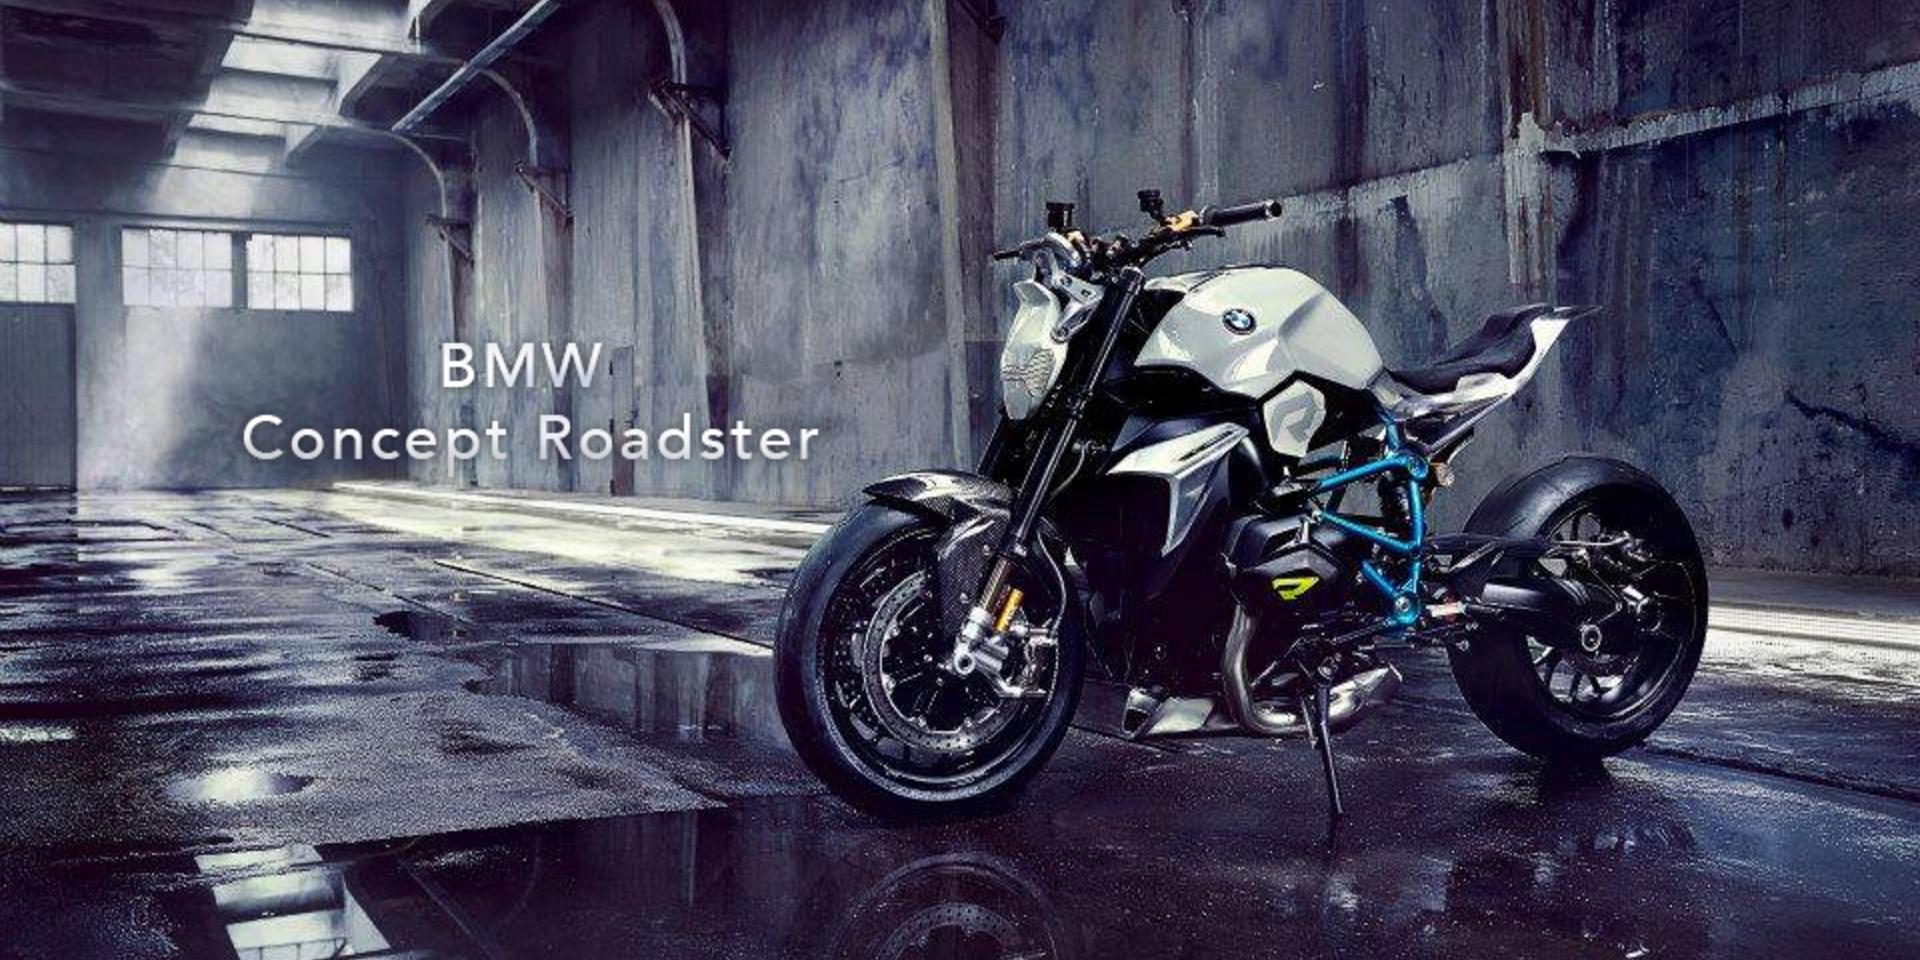 街車藍圖。BMW Concept Roadster 發表